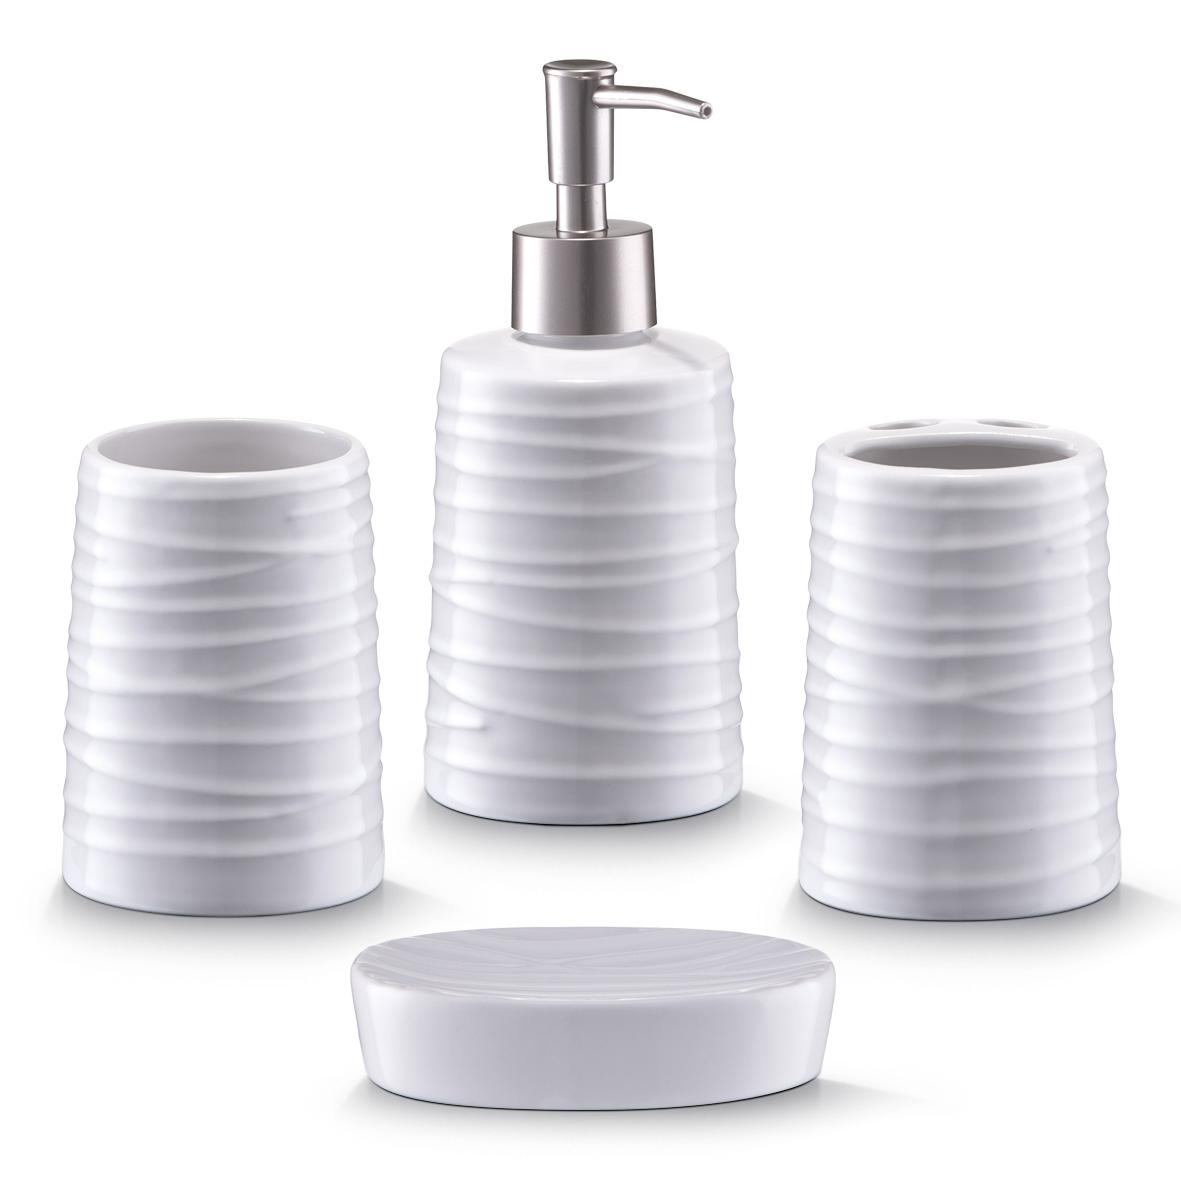 Set 4 accesorii pentru baie din ceramica, White poza